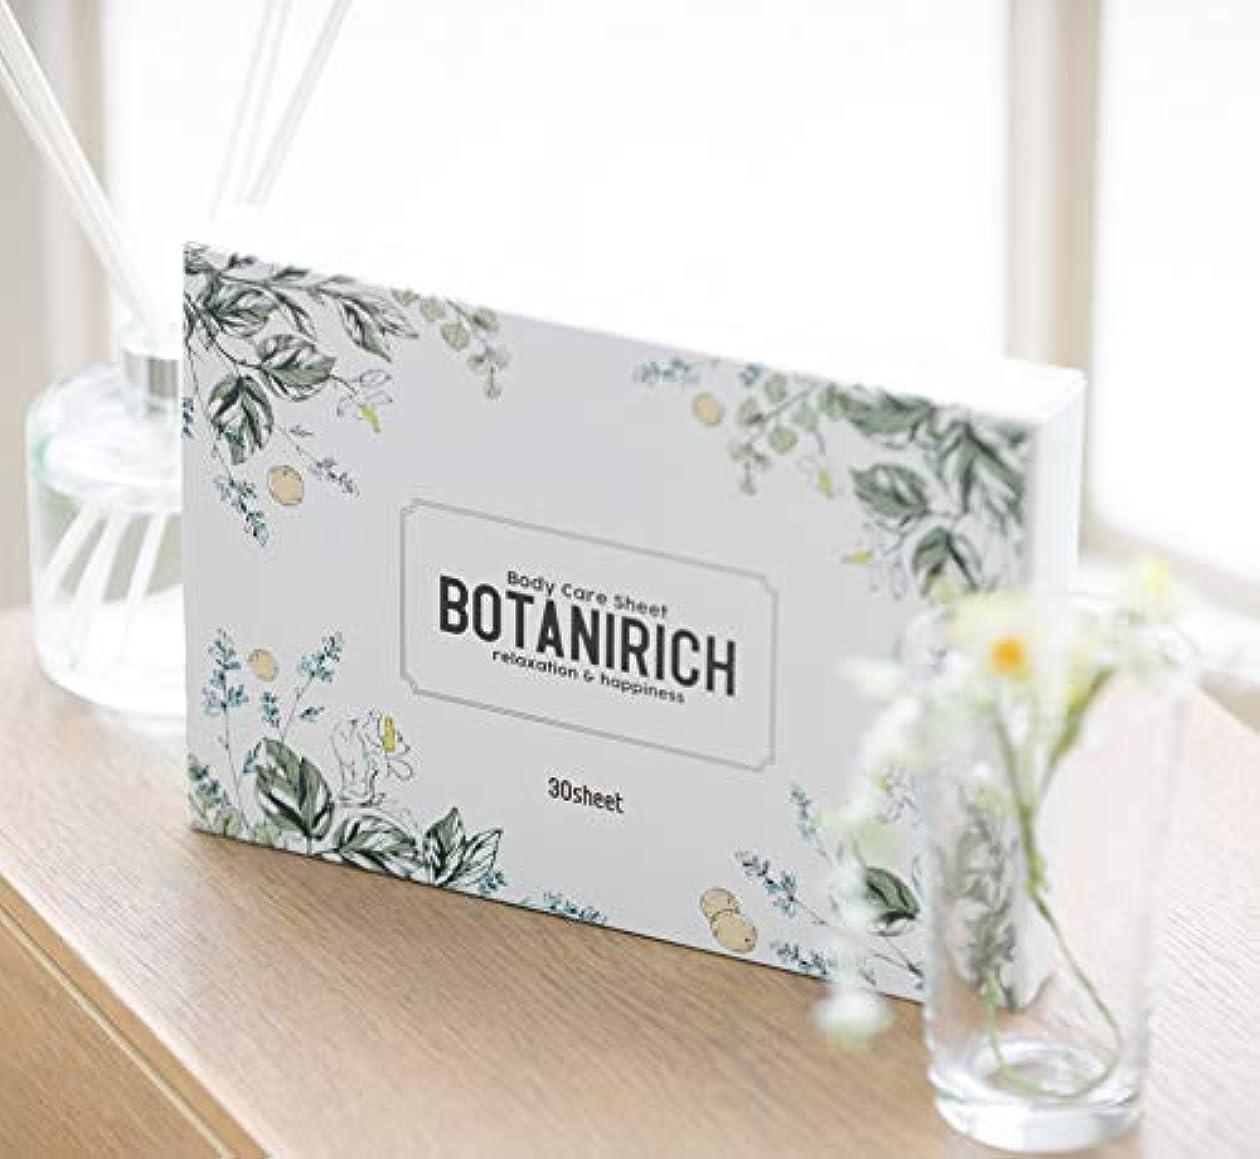 引用予定固有のBOTANIRICH ボタニリッチ 医療機器取得の樹液シート 30枚 足裏シート 足スッキリ